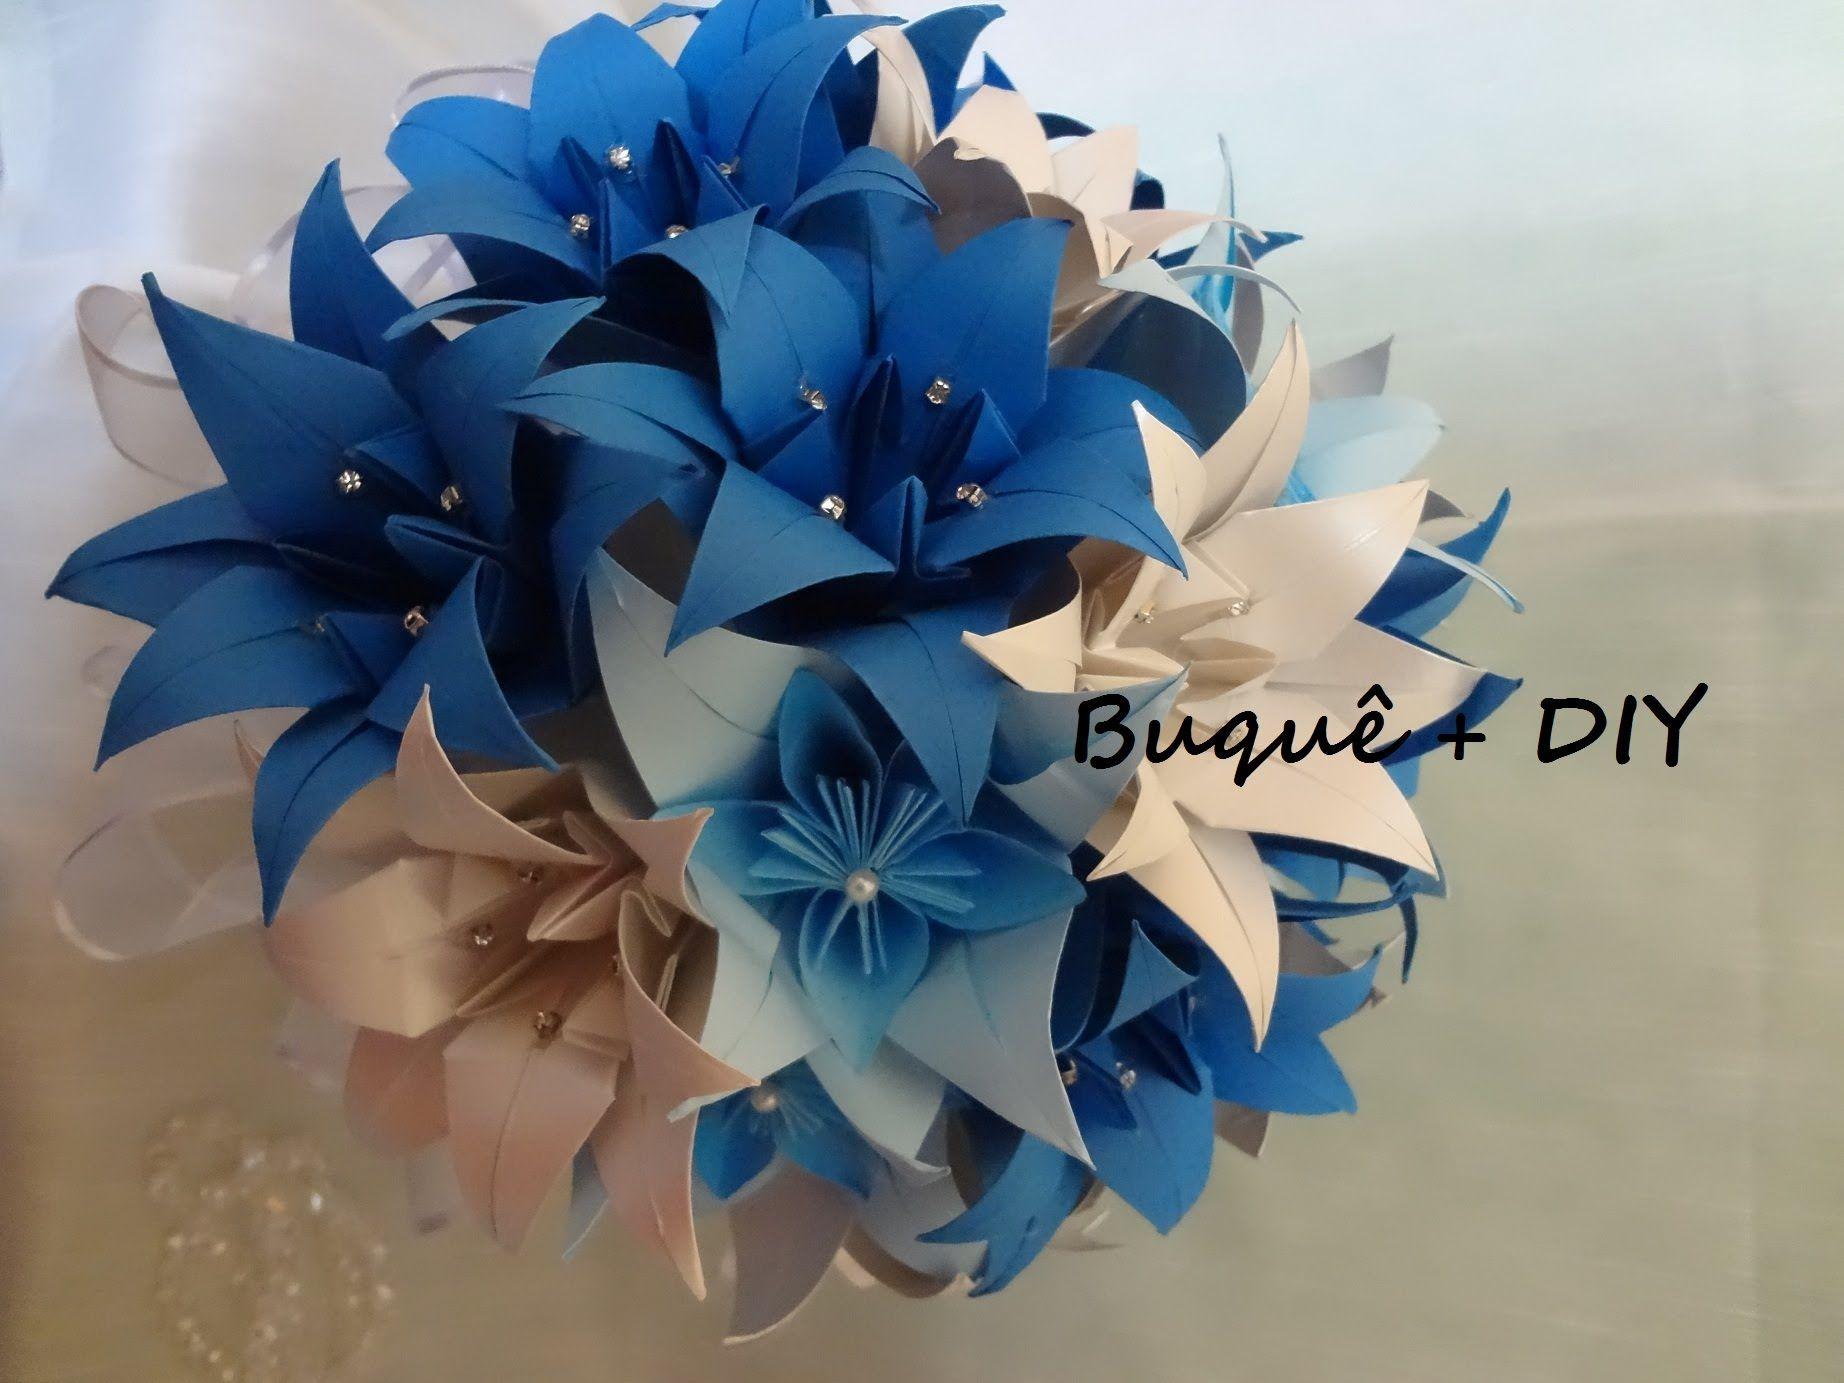 Buqu de origami flor de origami passo a passo youtube buqu de origami flor de origami passo a passo youtube jeuxipadfo Gallery